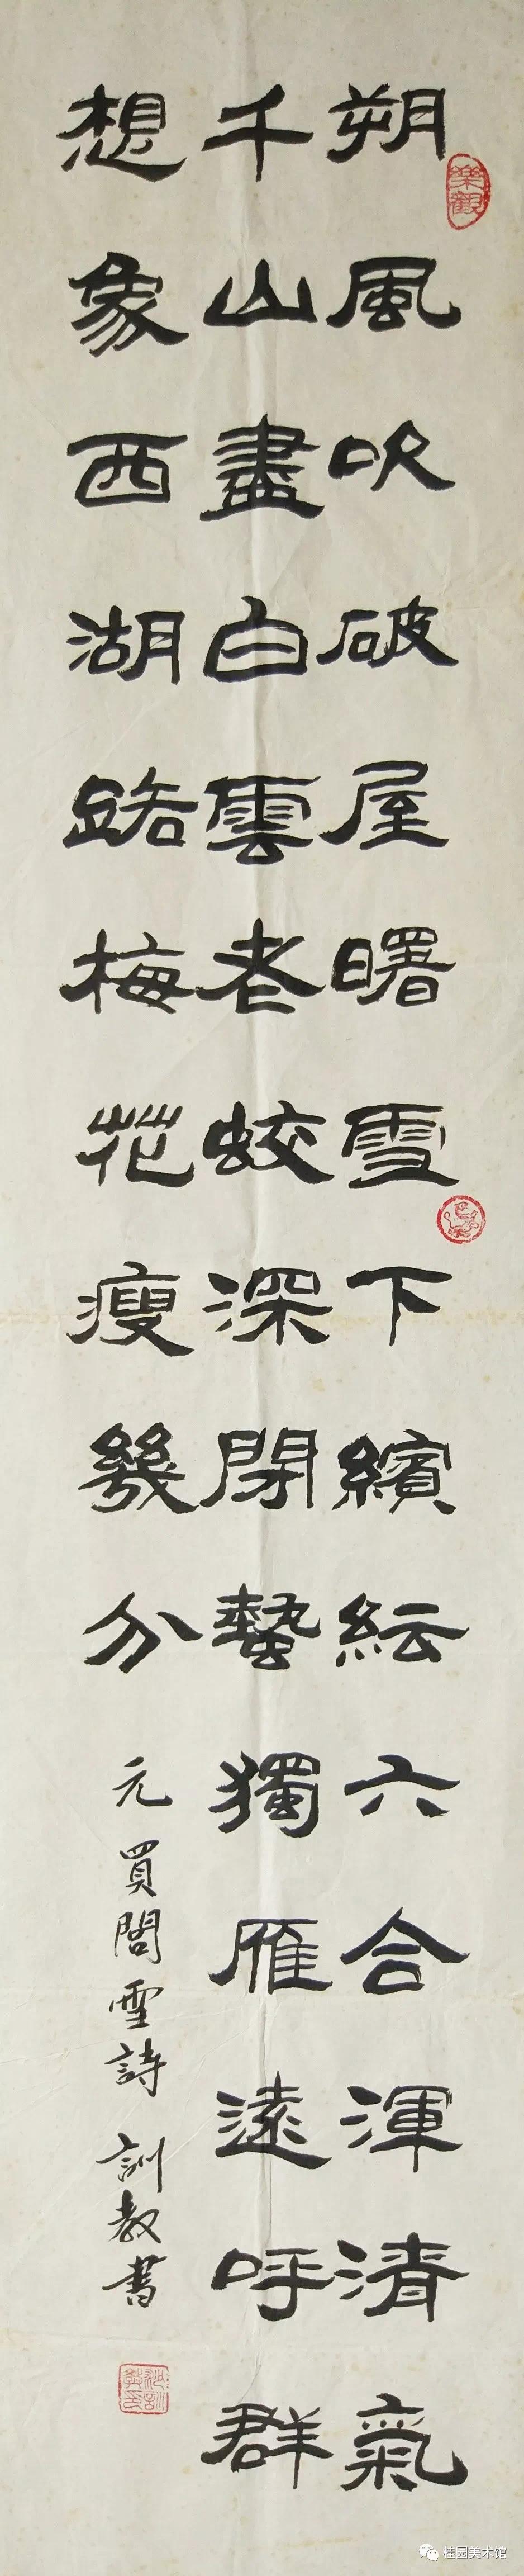 《百期大庆之大众艺术书画保真专场》6月6日晚7点 准时上线